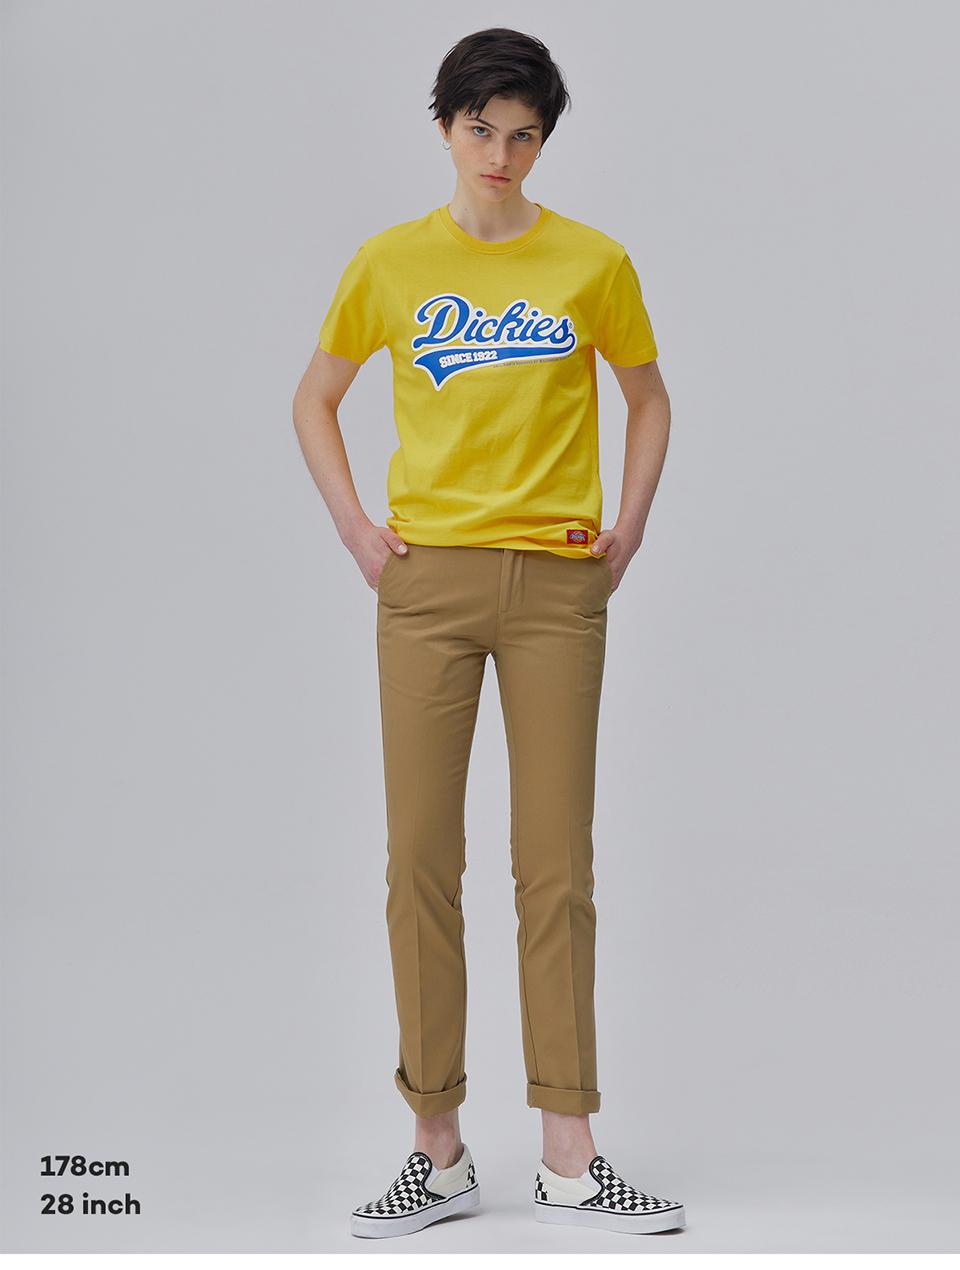 디키즈(DICKIES) 컬러 초이스 슬림 코튼 팬츠 F BEIGE [YDSH5UPCP876-FTN]